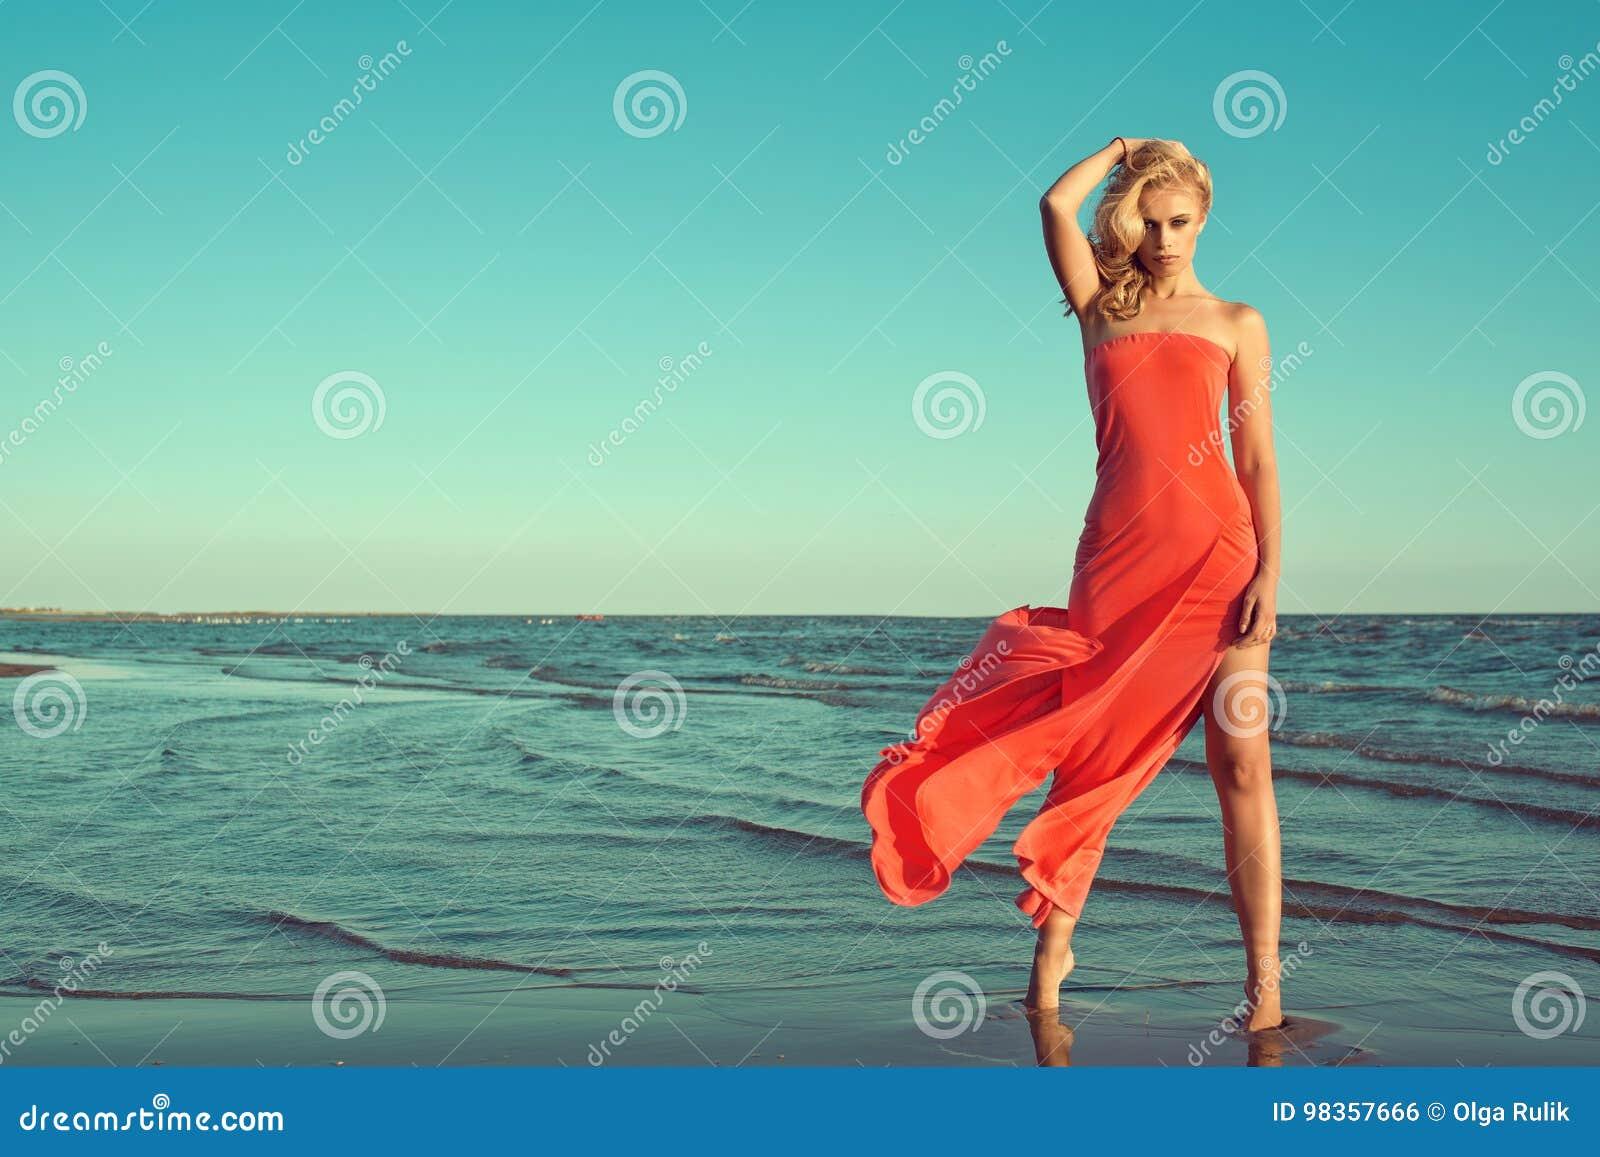 fa27765bc1f Ursnygg sexig slank blond modell i röd axelbandslös klänning med  flygdrevanseende på tåspetsarna i havsvattnet